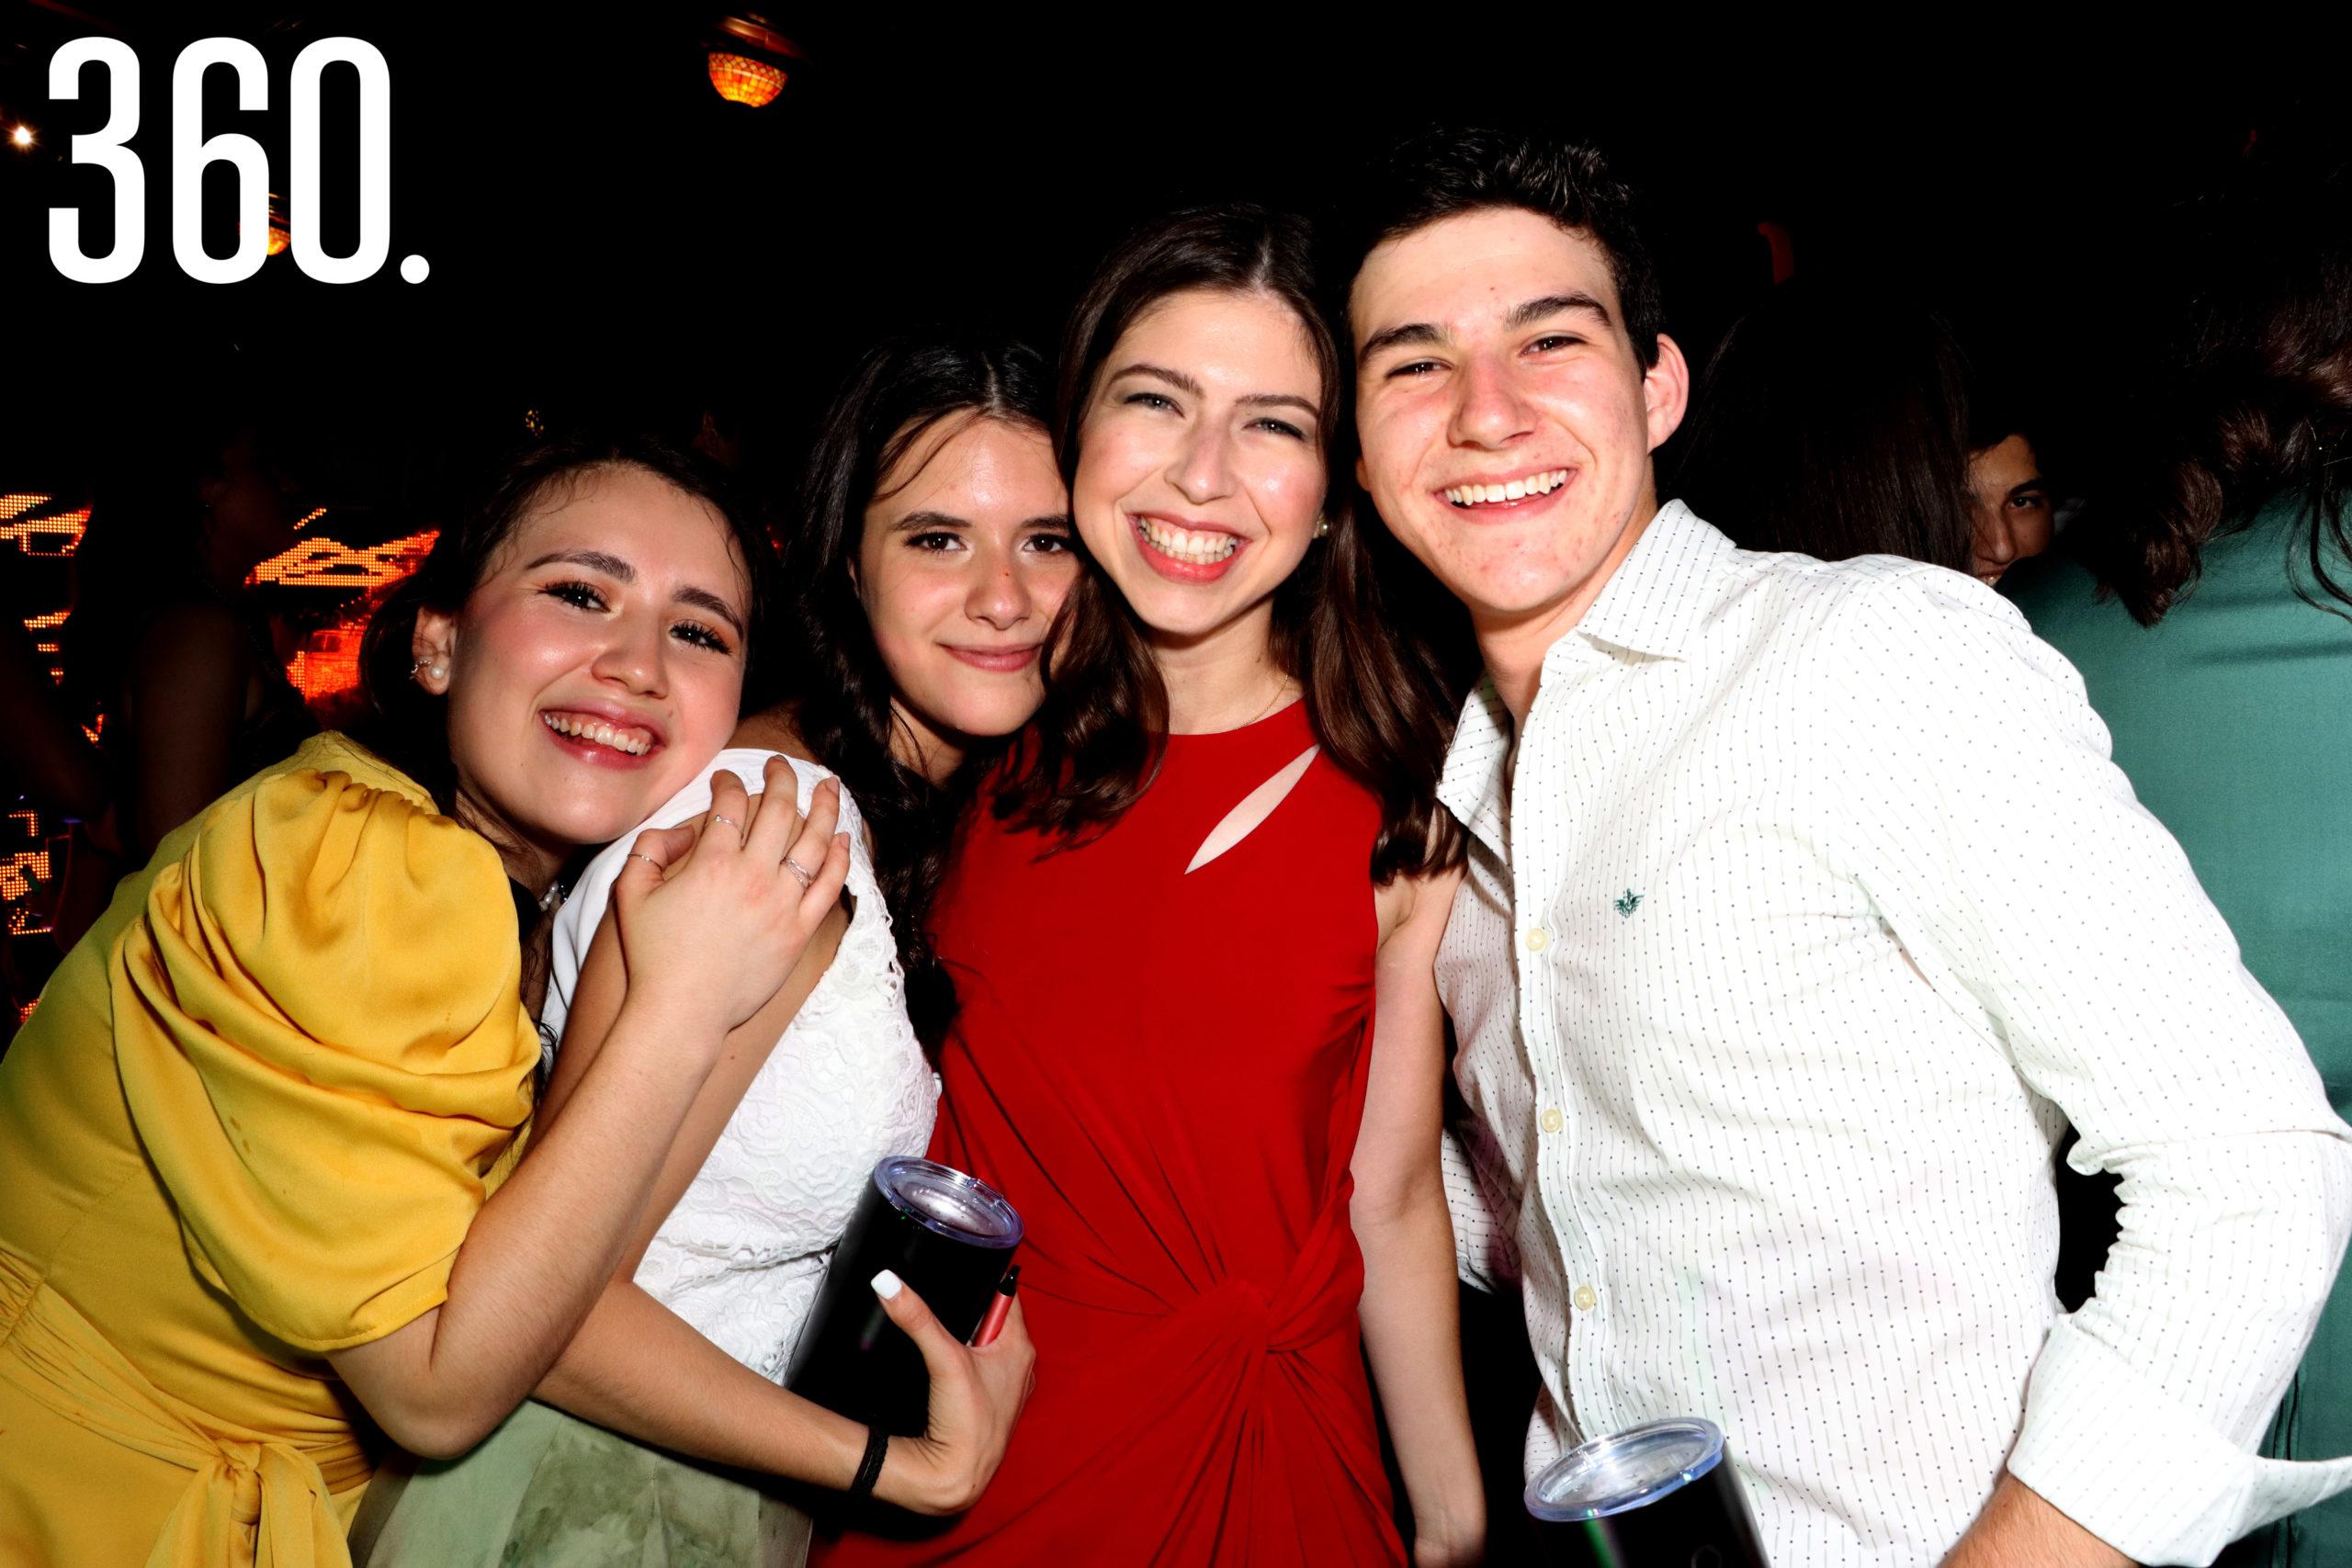 María Siller, Andrea Perales, Natalia Gutiérrez y Eugenio Álvarez.